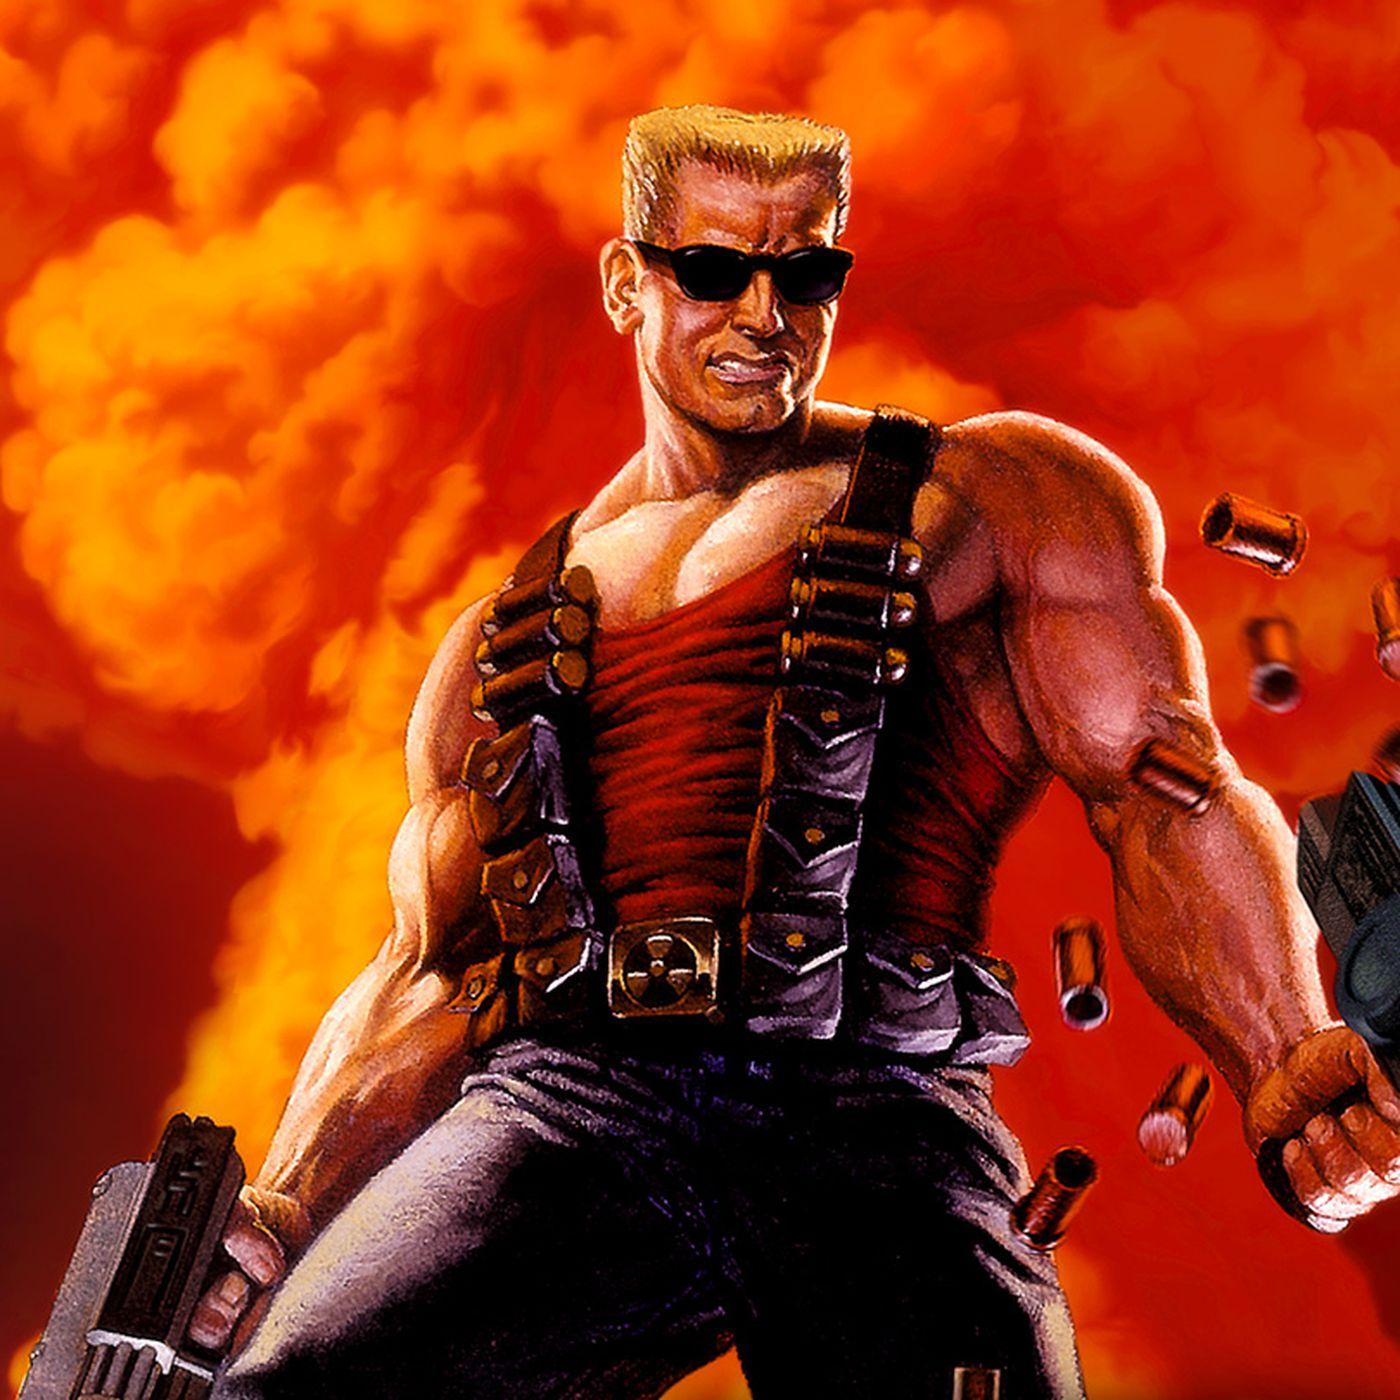 Image 5 – Duke Nukem